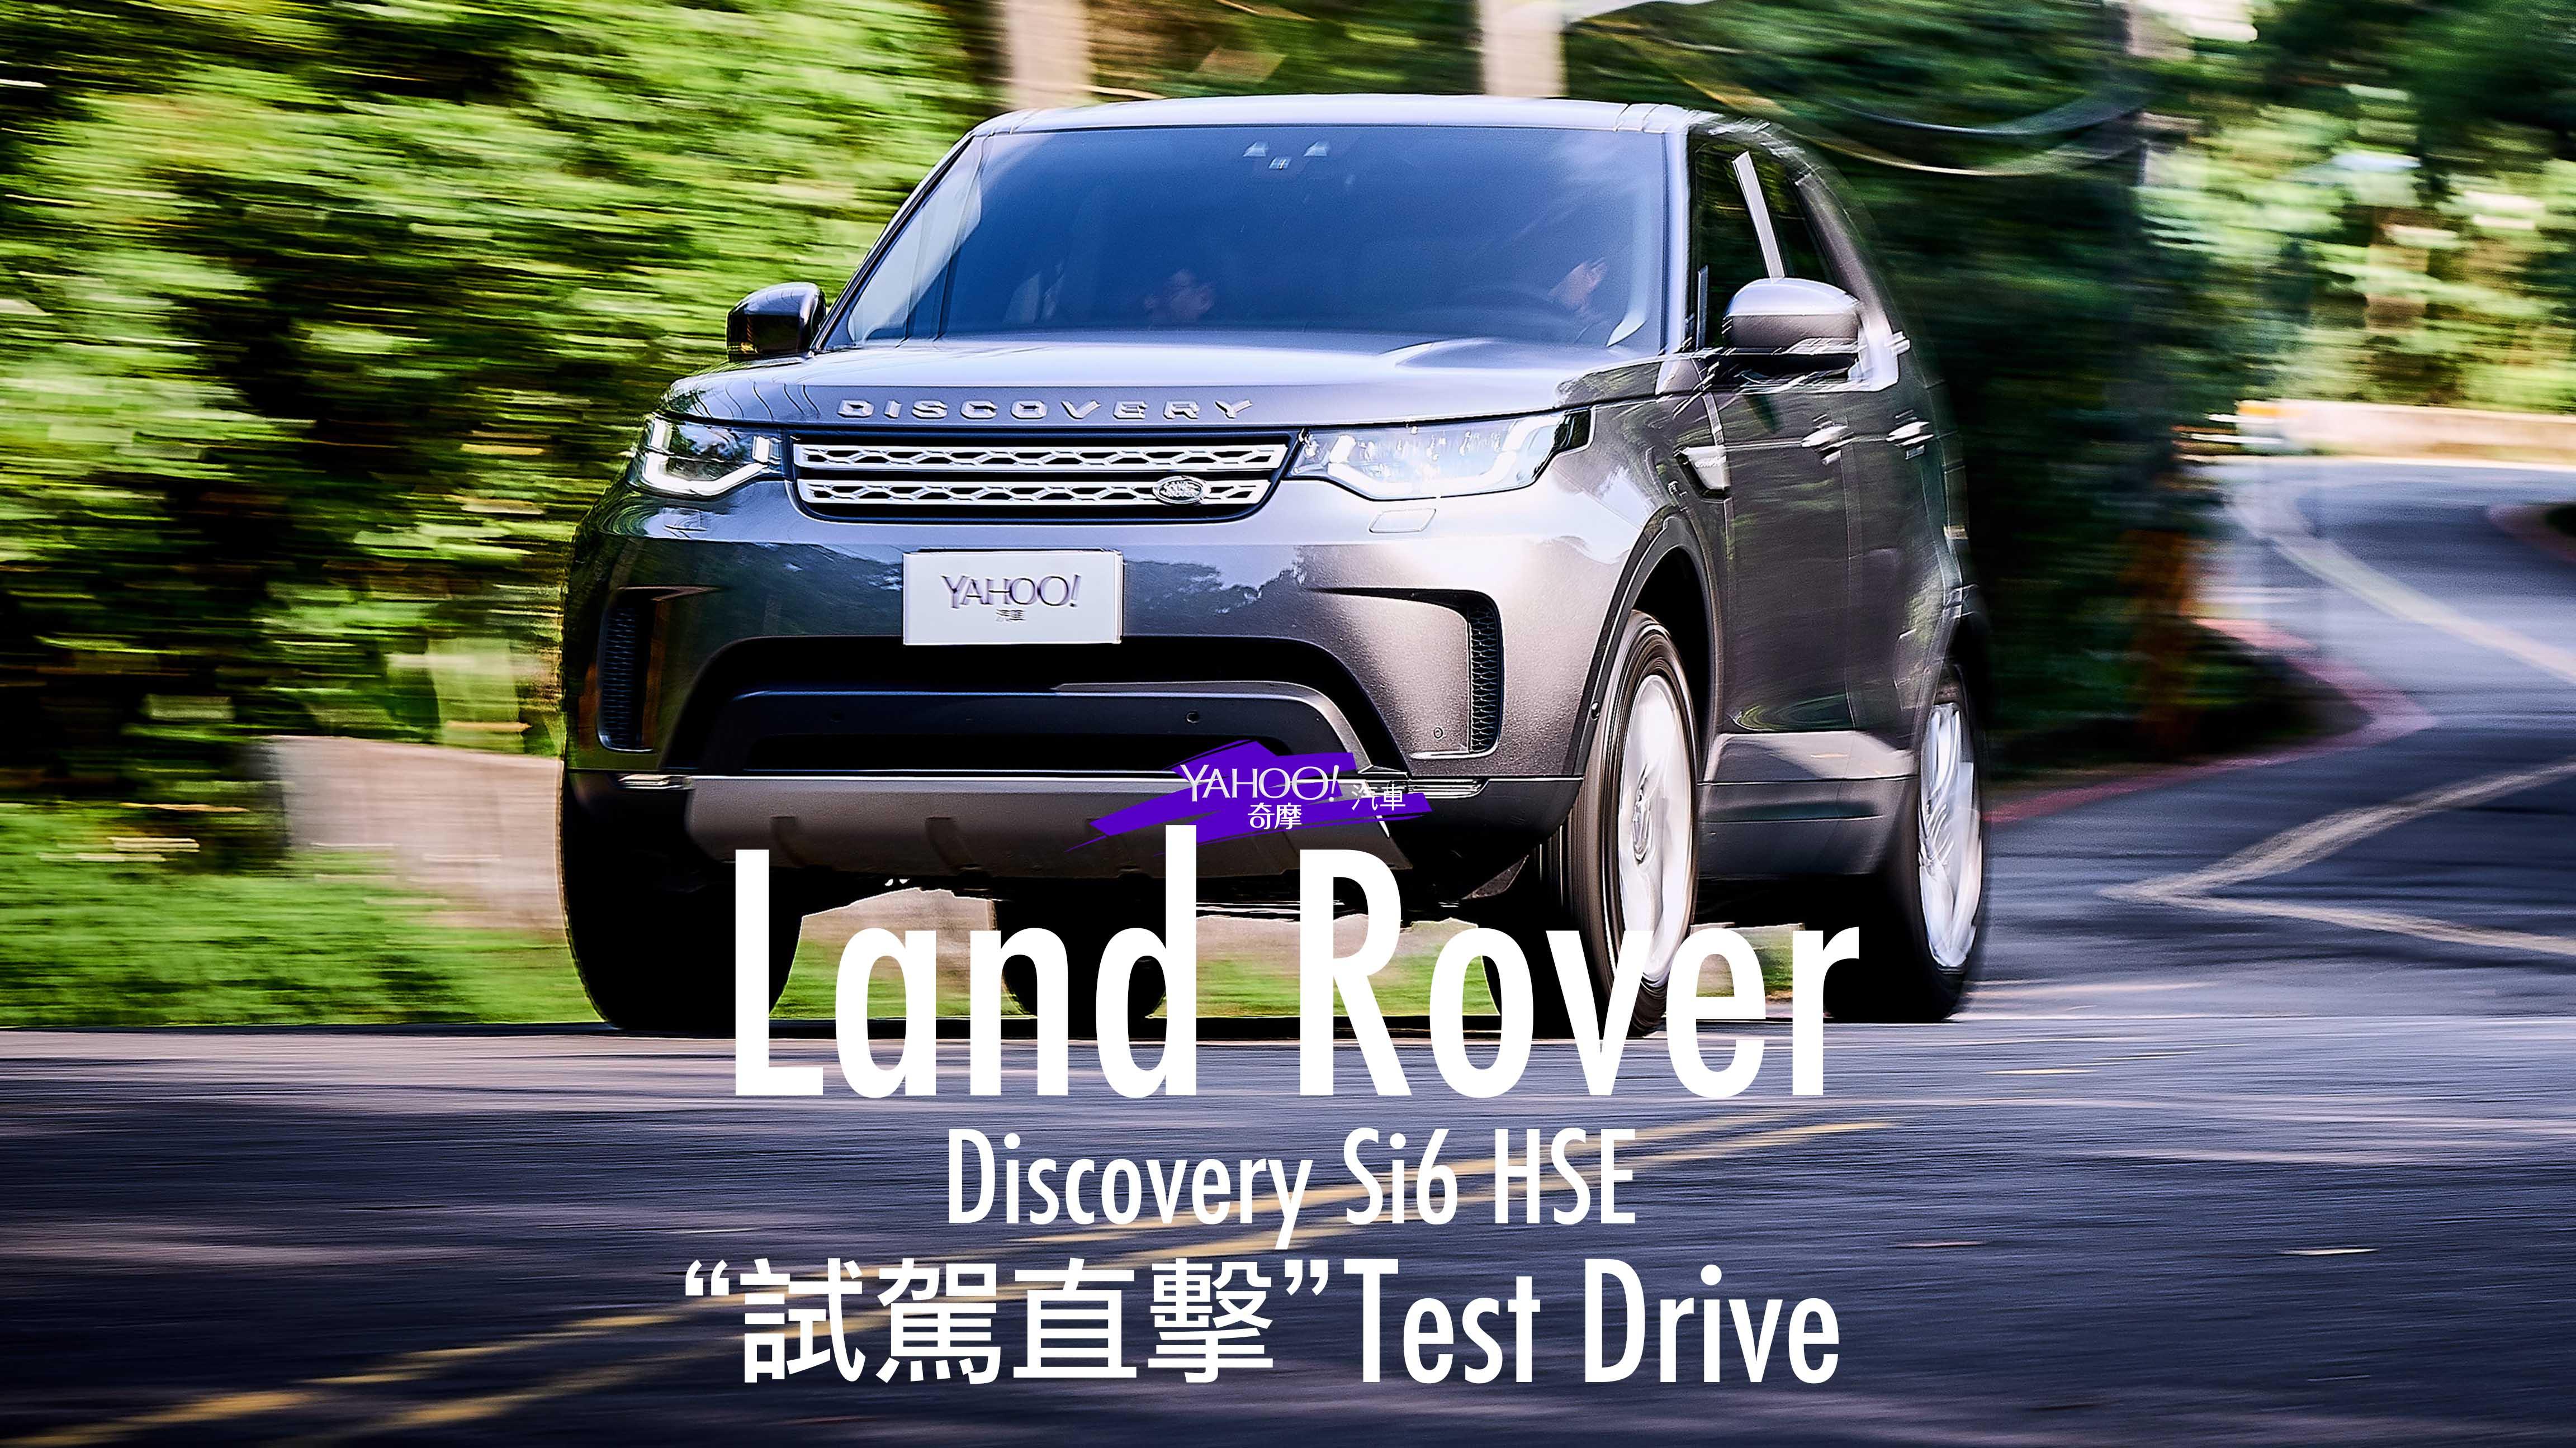 【試駕直擊】規格下放、重裝上陣!Land Rover Discovery Si6 HSE試駕